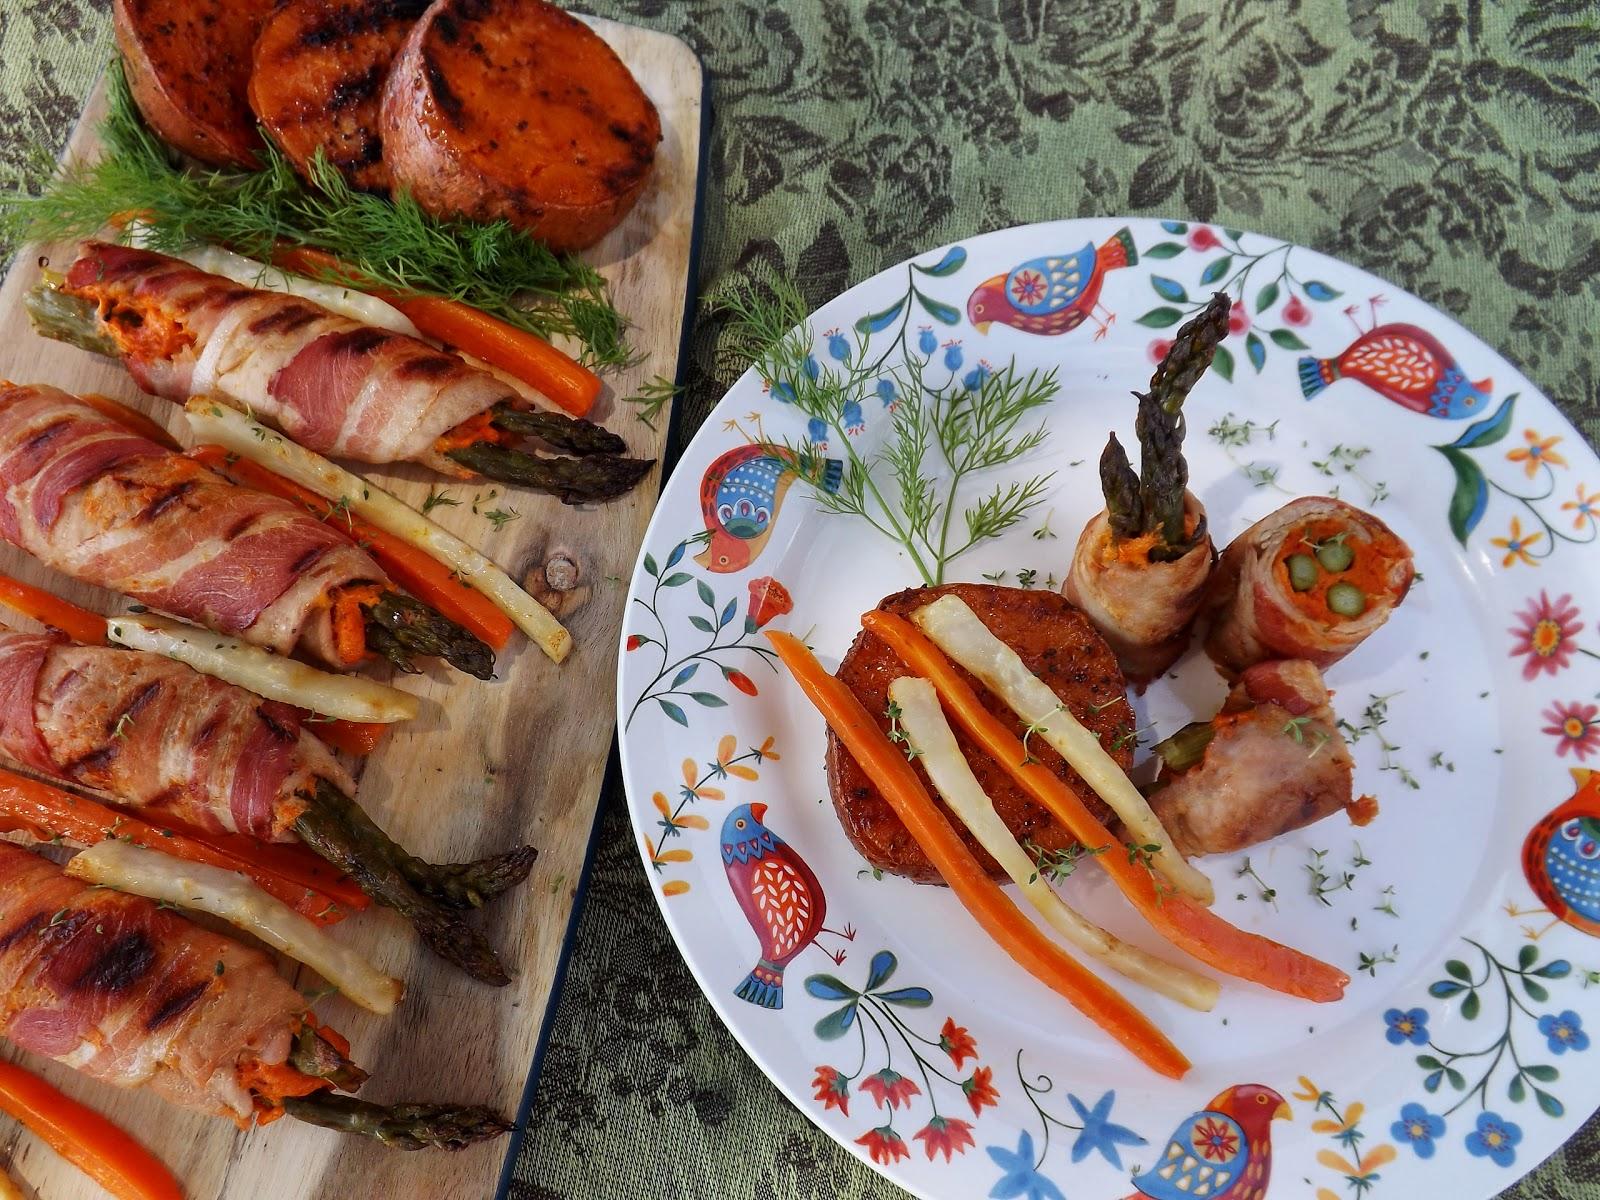 Grillowany szparagi w roladzie mięsnej z batatami